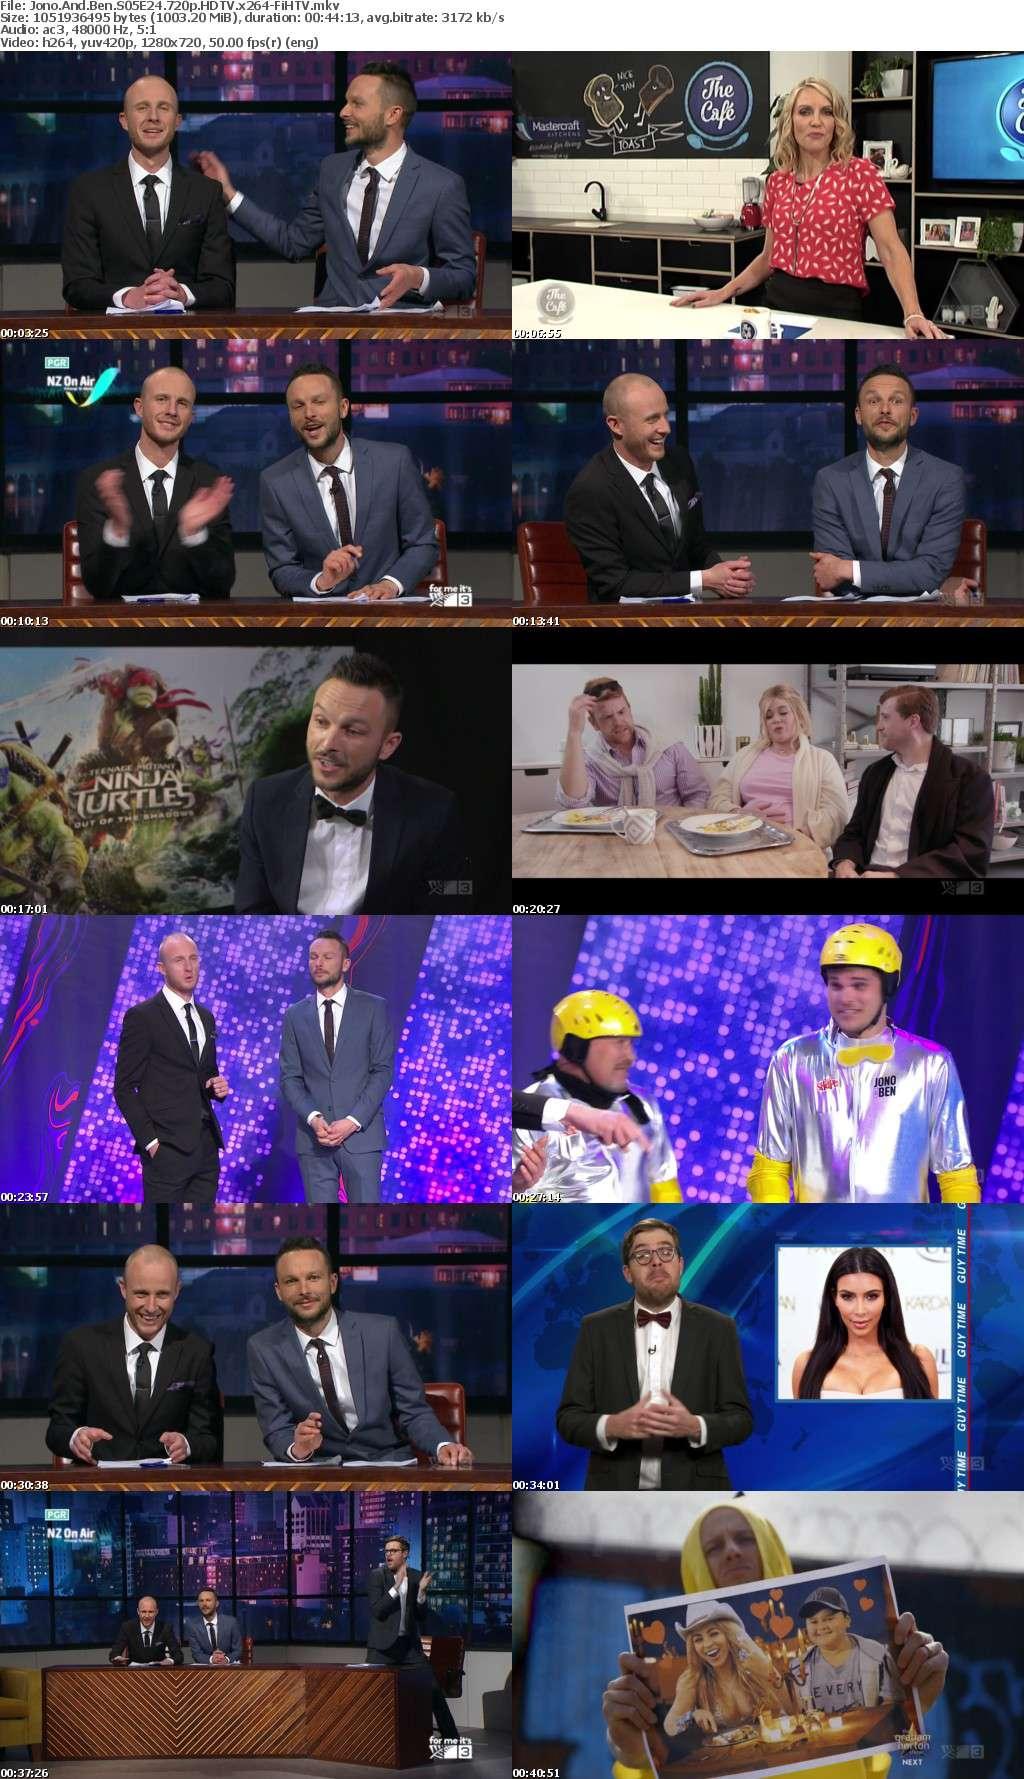 Jono And Ben S05E24 720p HDTV x264-FiHTV